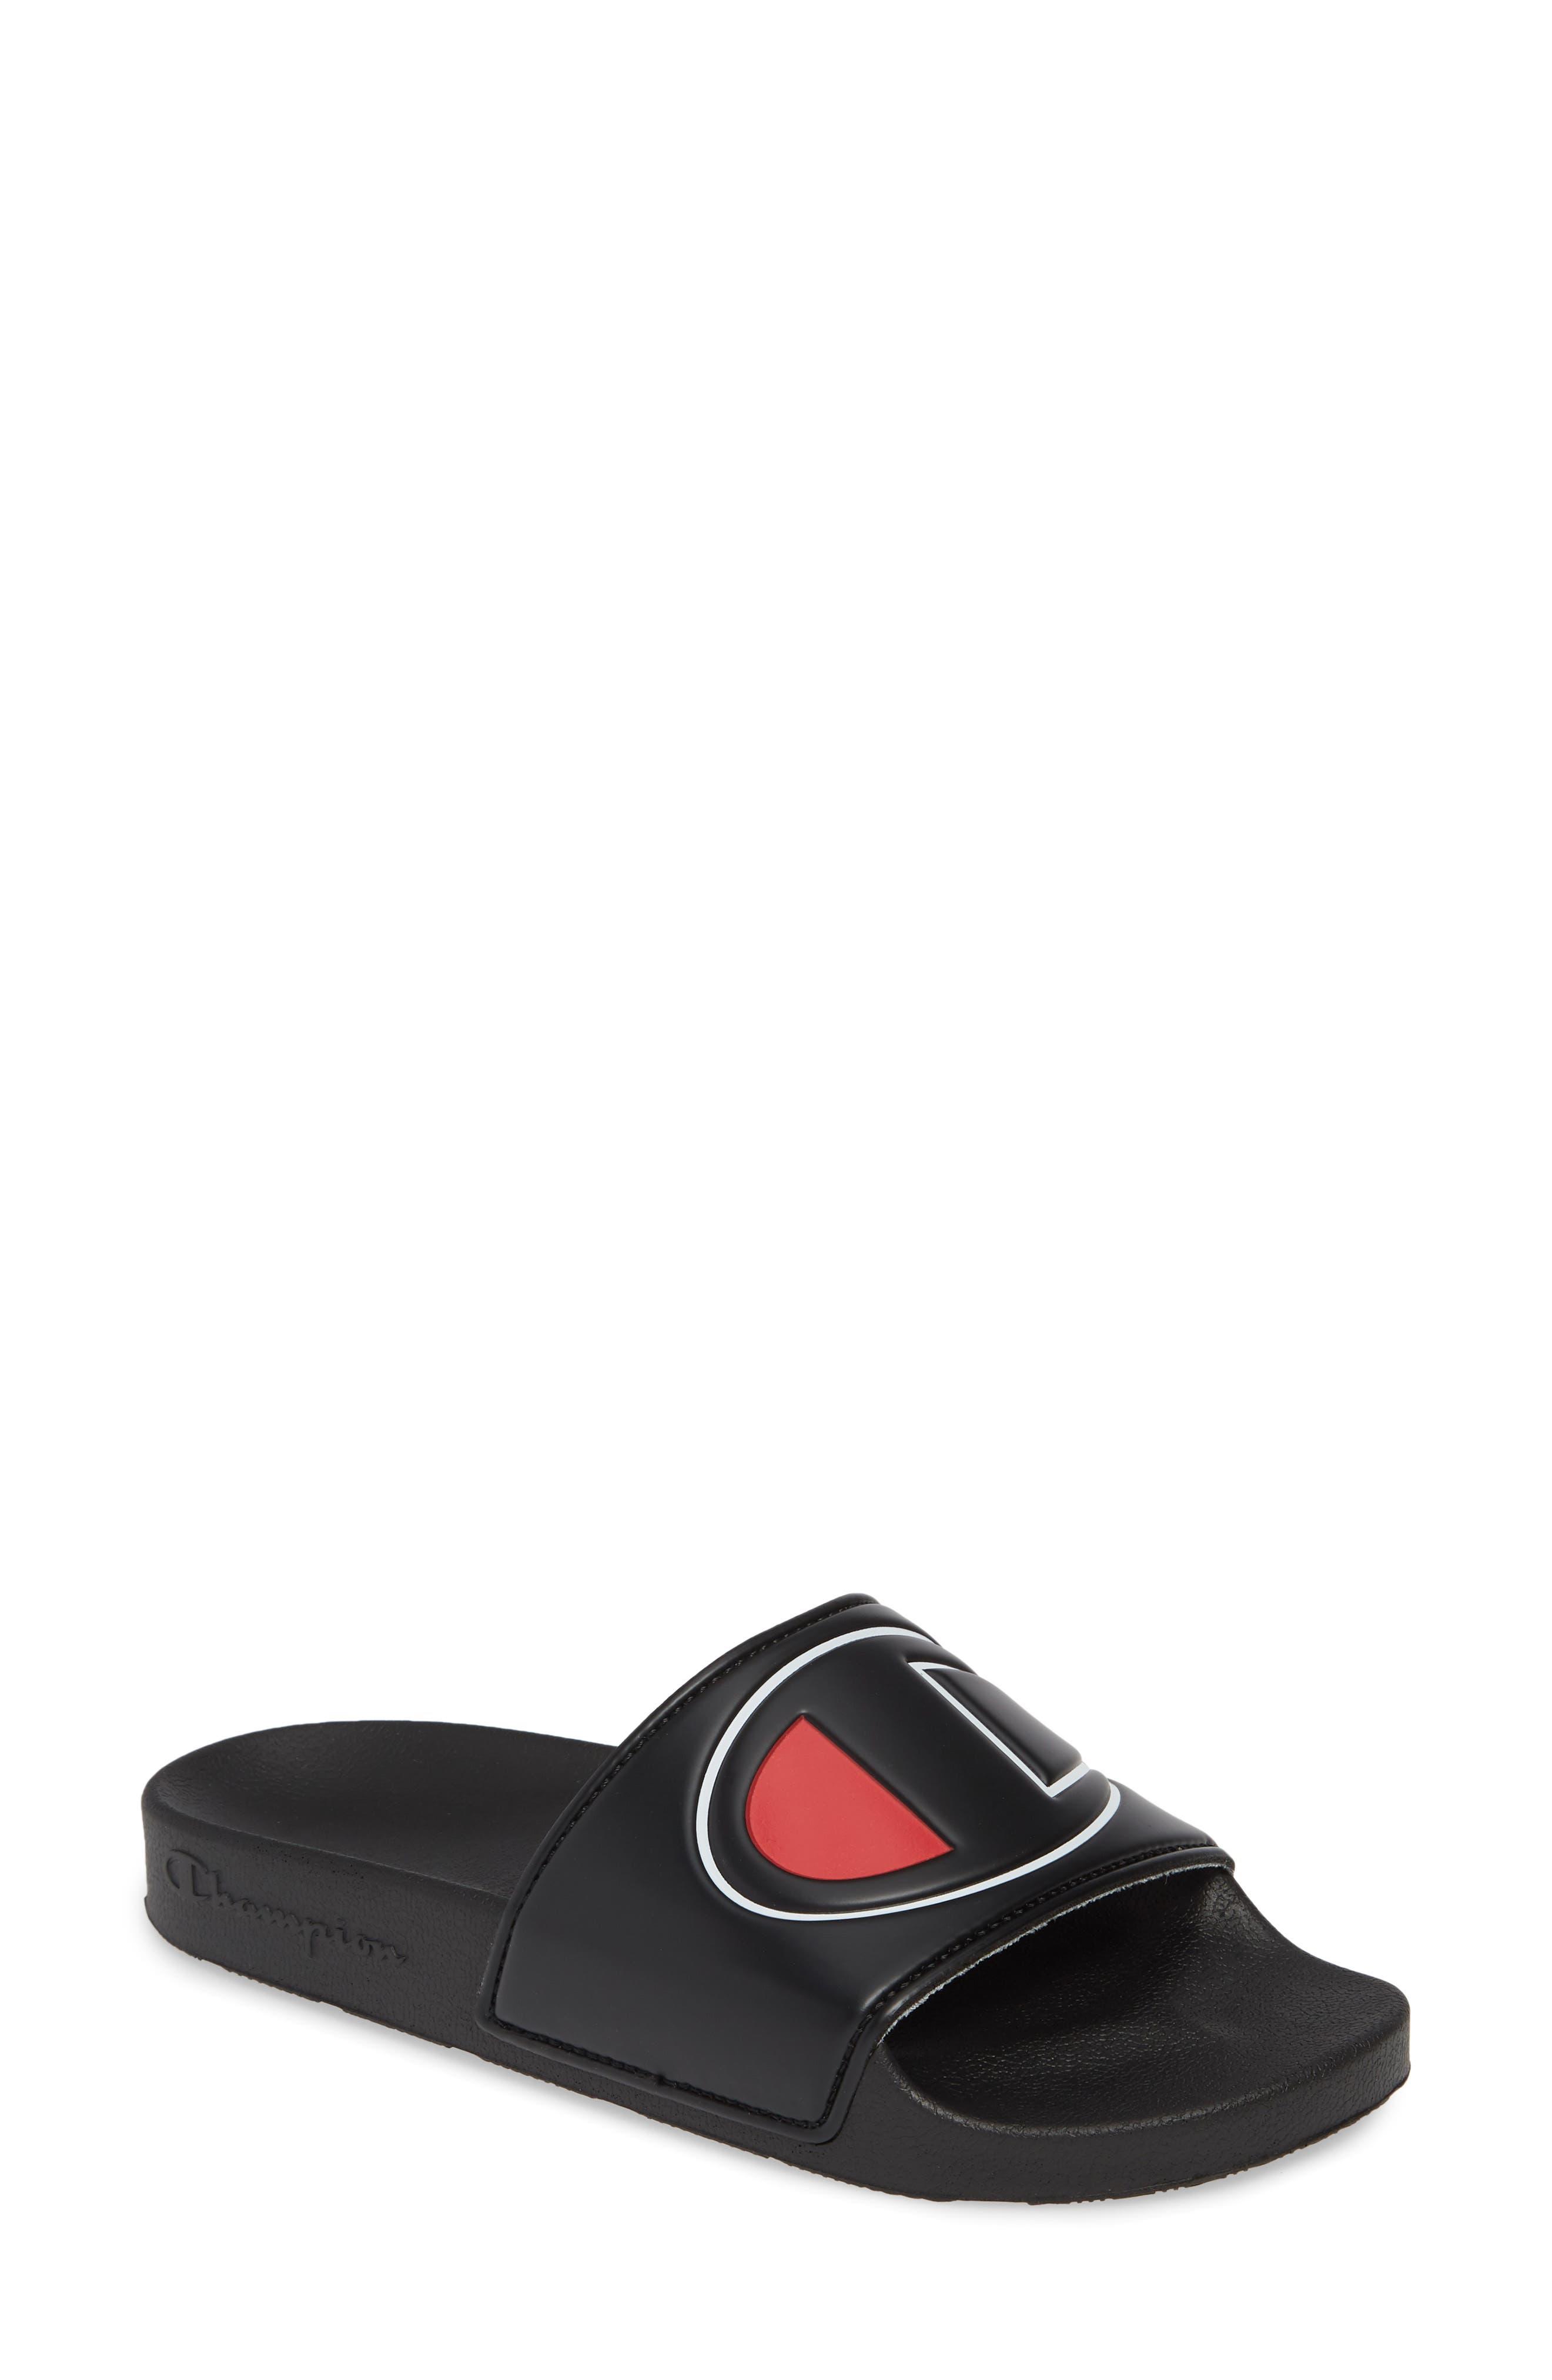 CHAMPION Slide Sandal, Main, color, BLACK